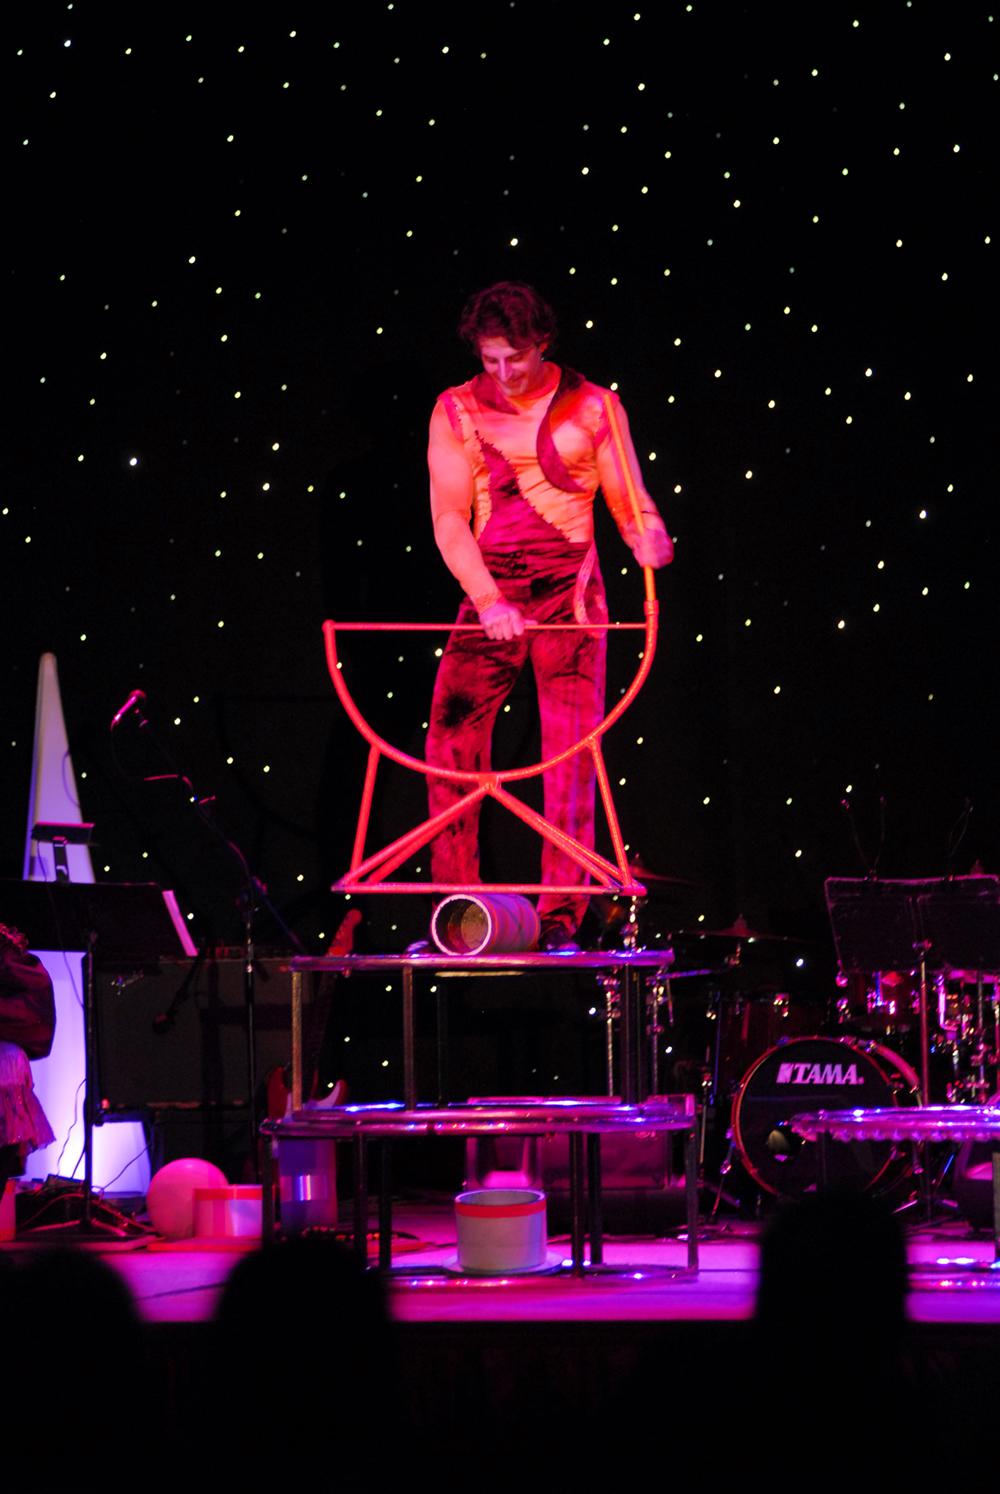 la-grande-cirque10.jpg